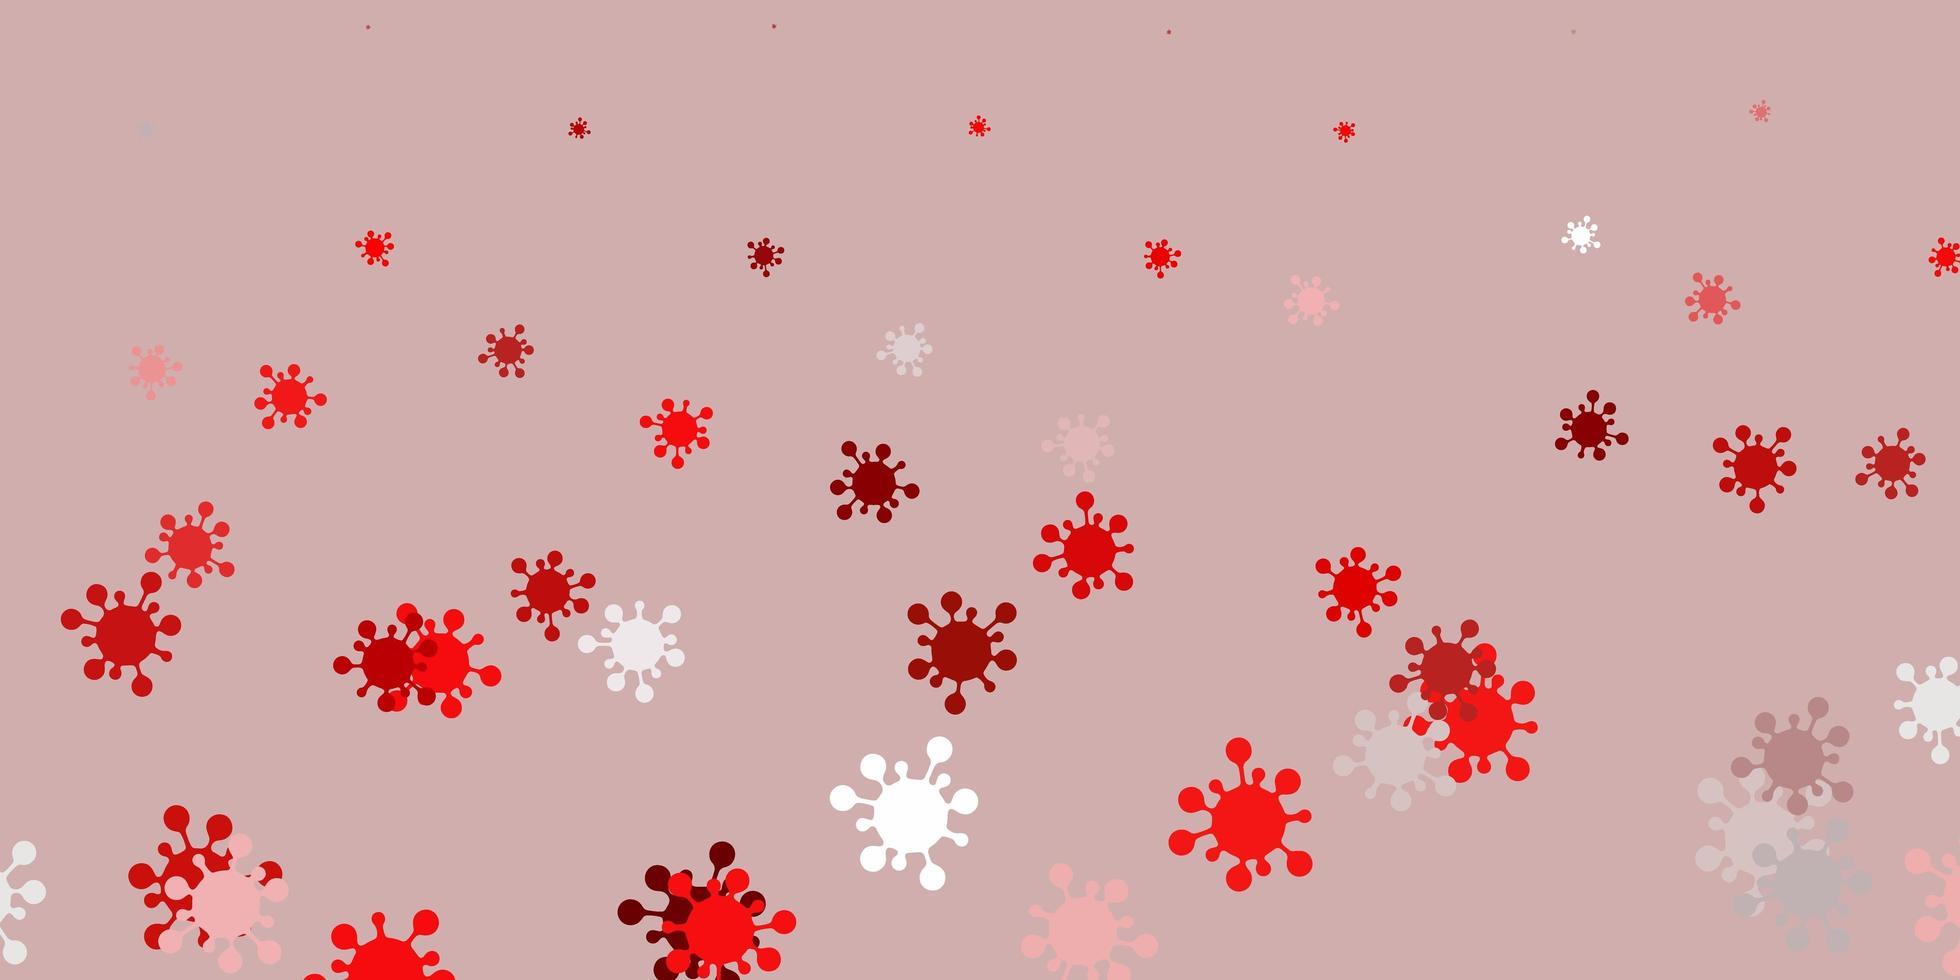 pano de fundo vermelho claro com símbolos de vírus. vetor